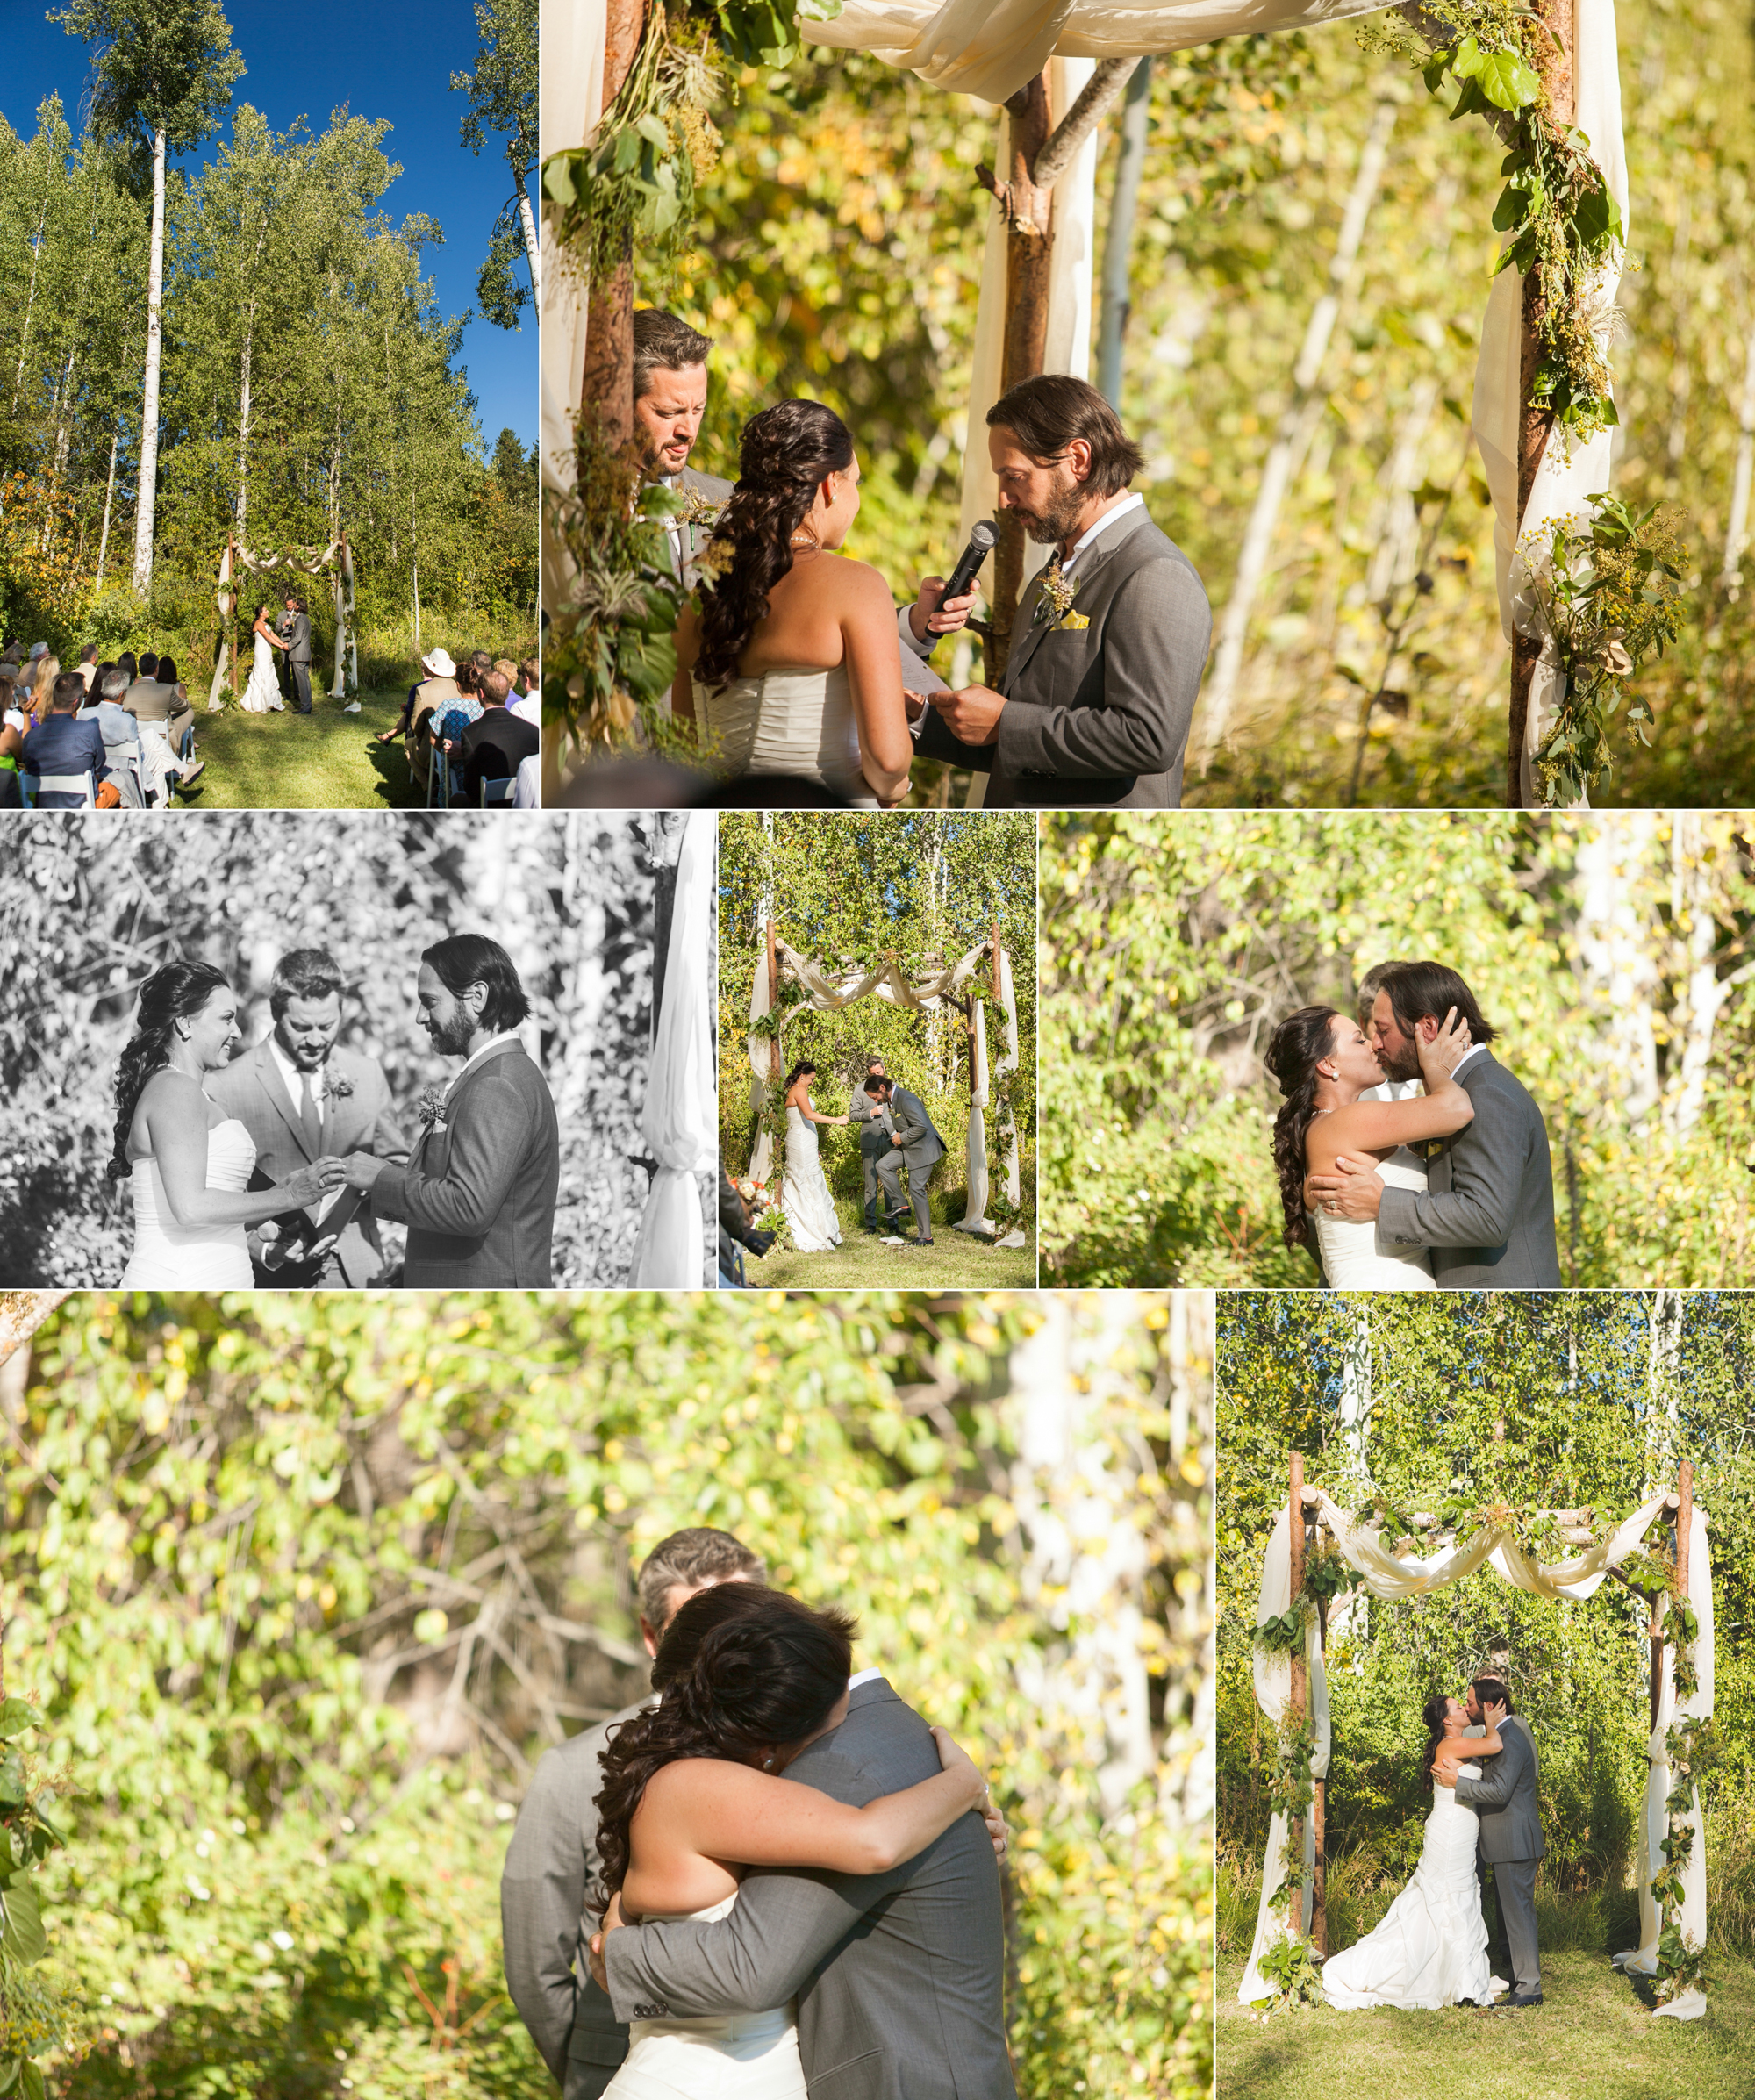 ashley vos photography seattle tacoma area wedding photographer_0822.jpg